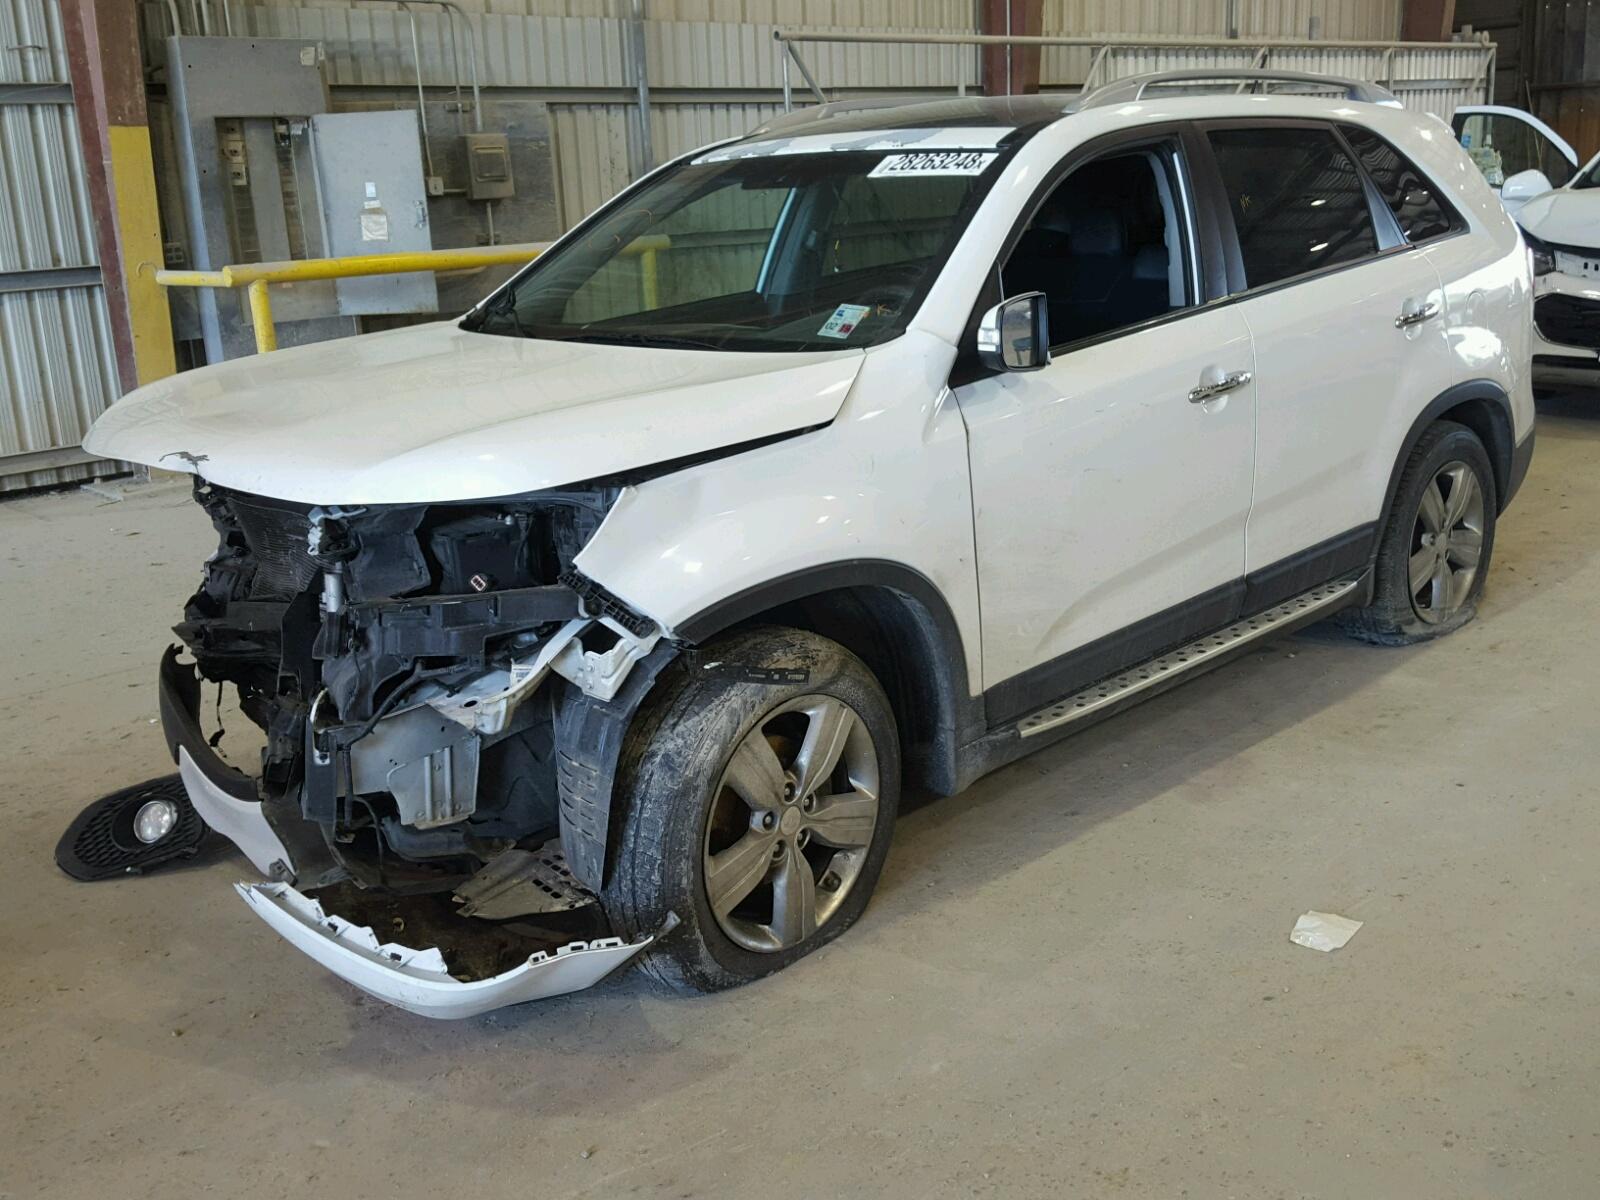 online baton of in salvage copart optima auto kia sale lot title la view en carfinder cert rouge blue ex on auctions left